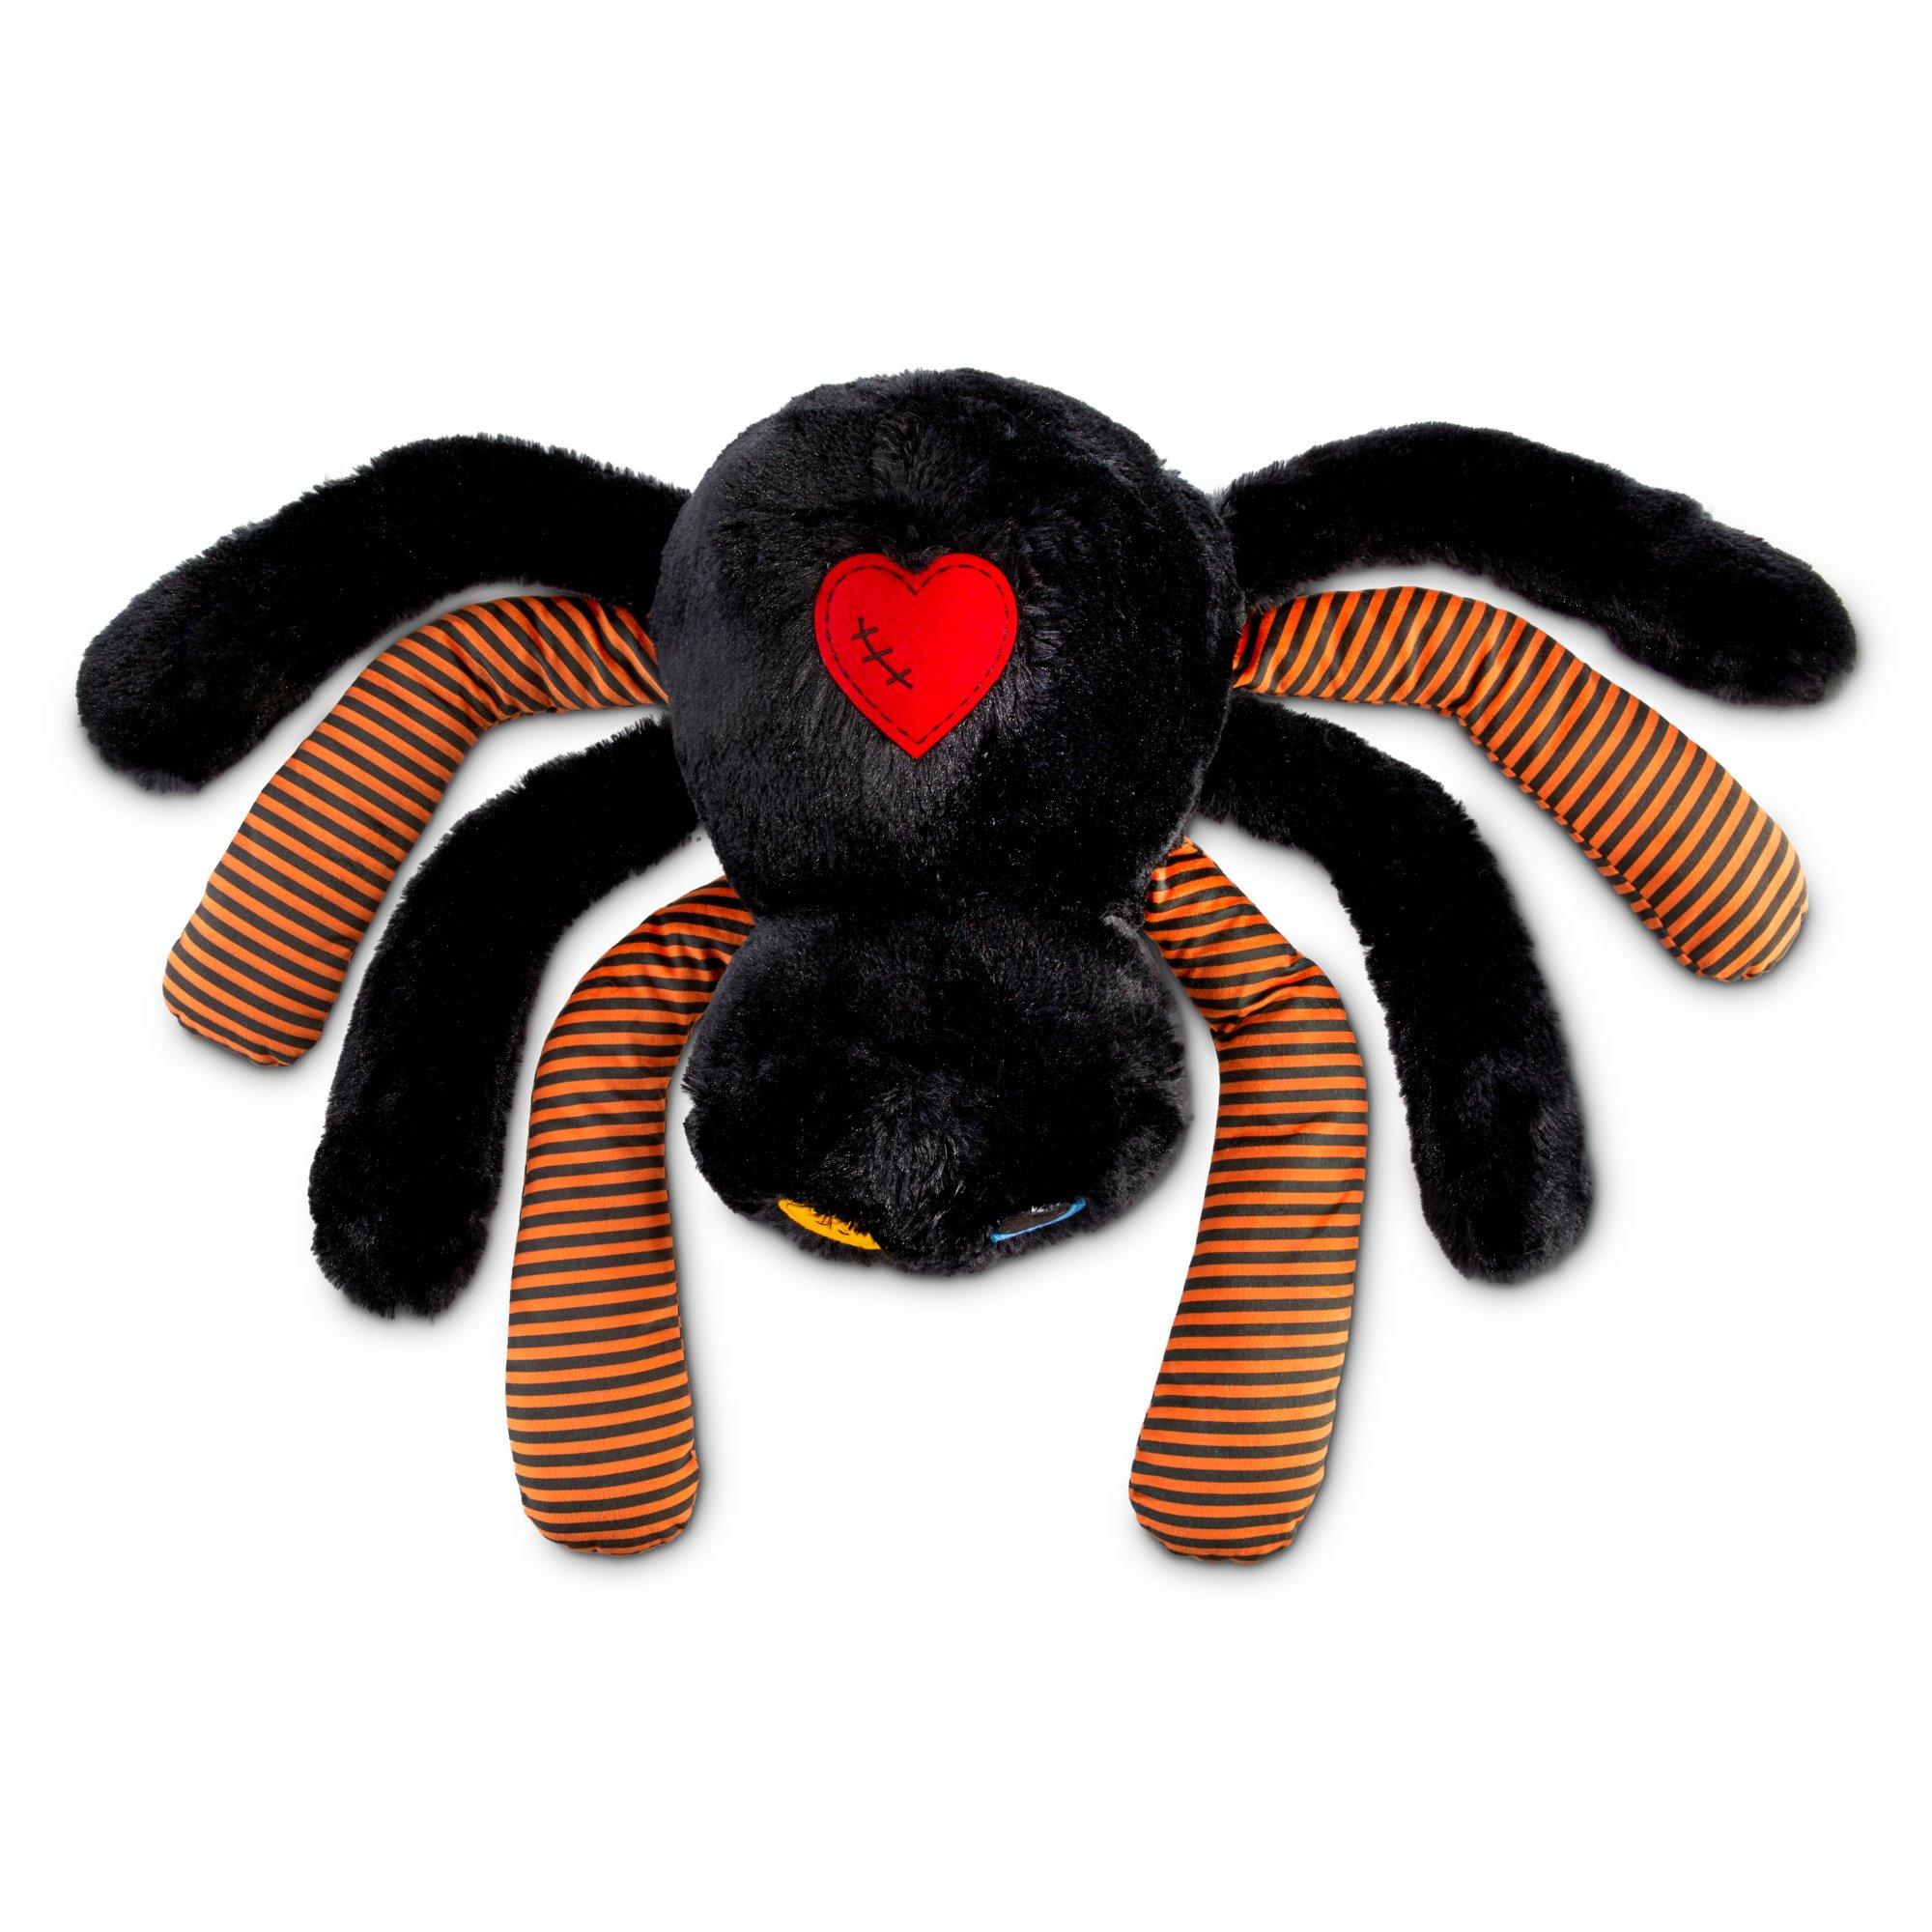 Bootique Creepy Crawler Plush Dog Toy 3x Large Dog Toys Creepy